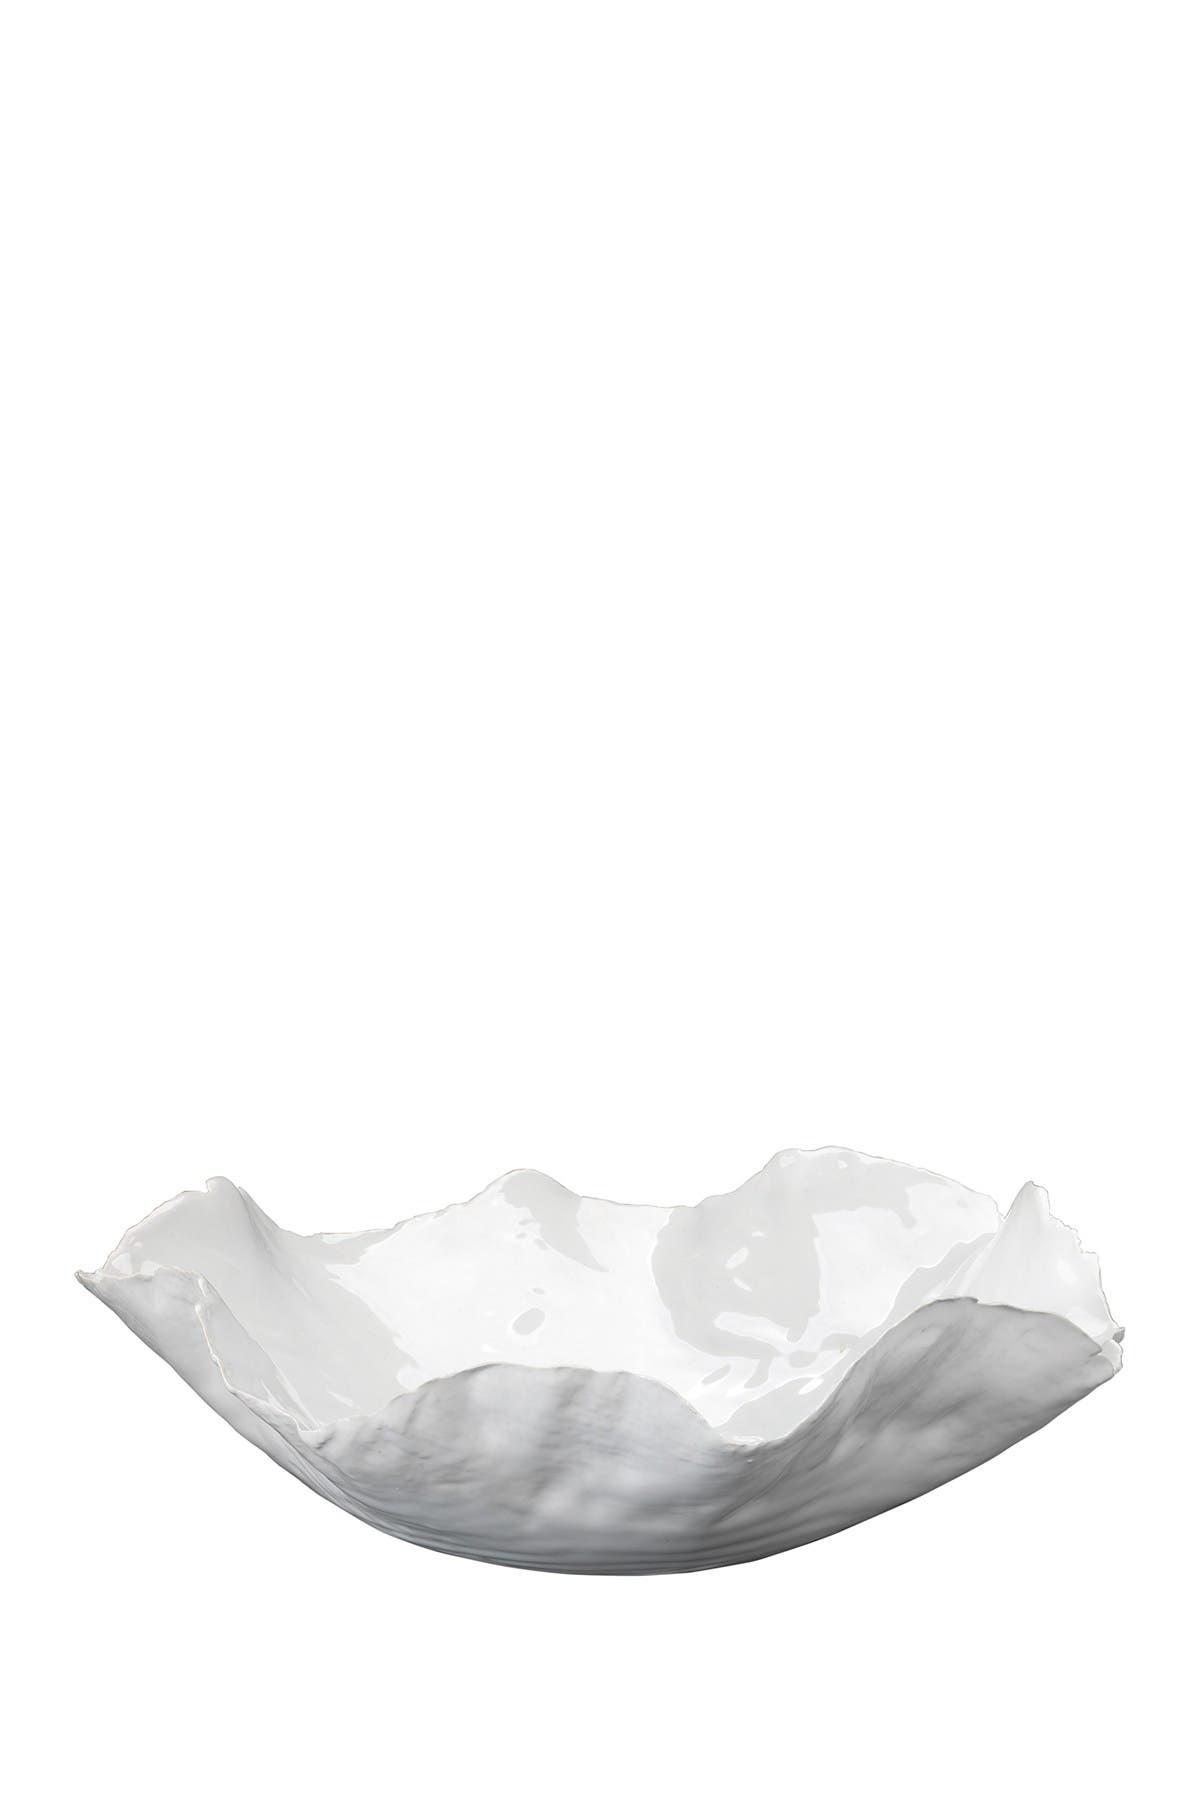 Image of Shine Studio Large Peony Bowl - White Ceramic